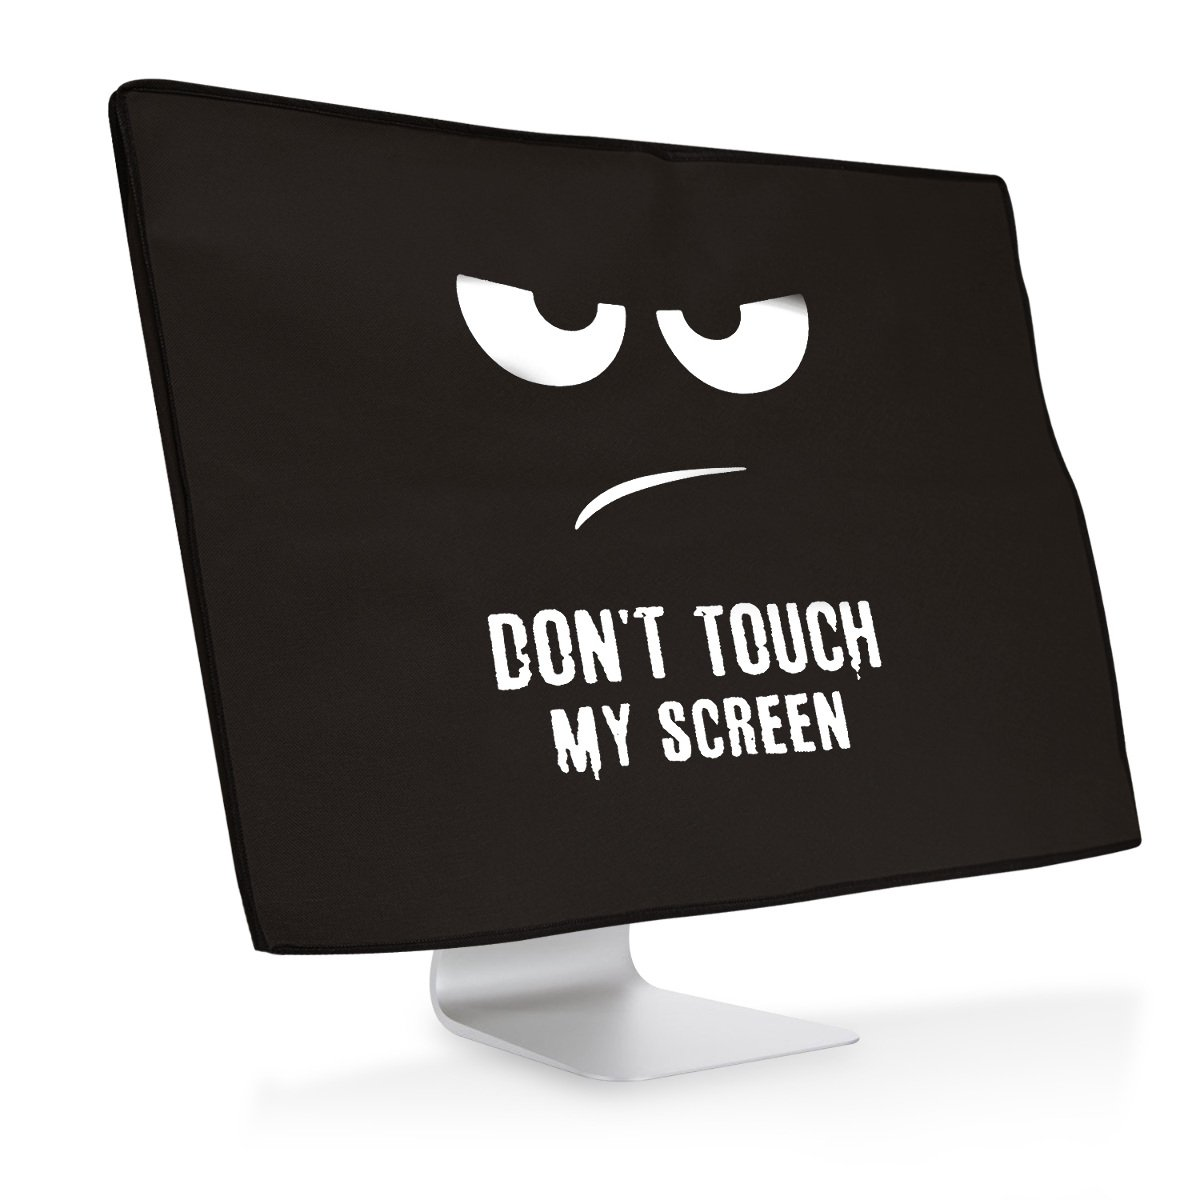 kwmobile 20-22 monitore Cover - protezione per monitor antipolvere per schermo PC - Custodia protettiva per 20-22 monitore KW-Commerce 42628.17_m000836